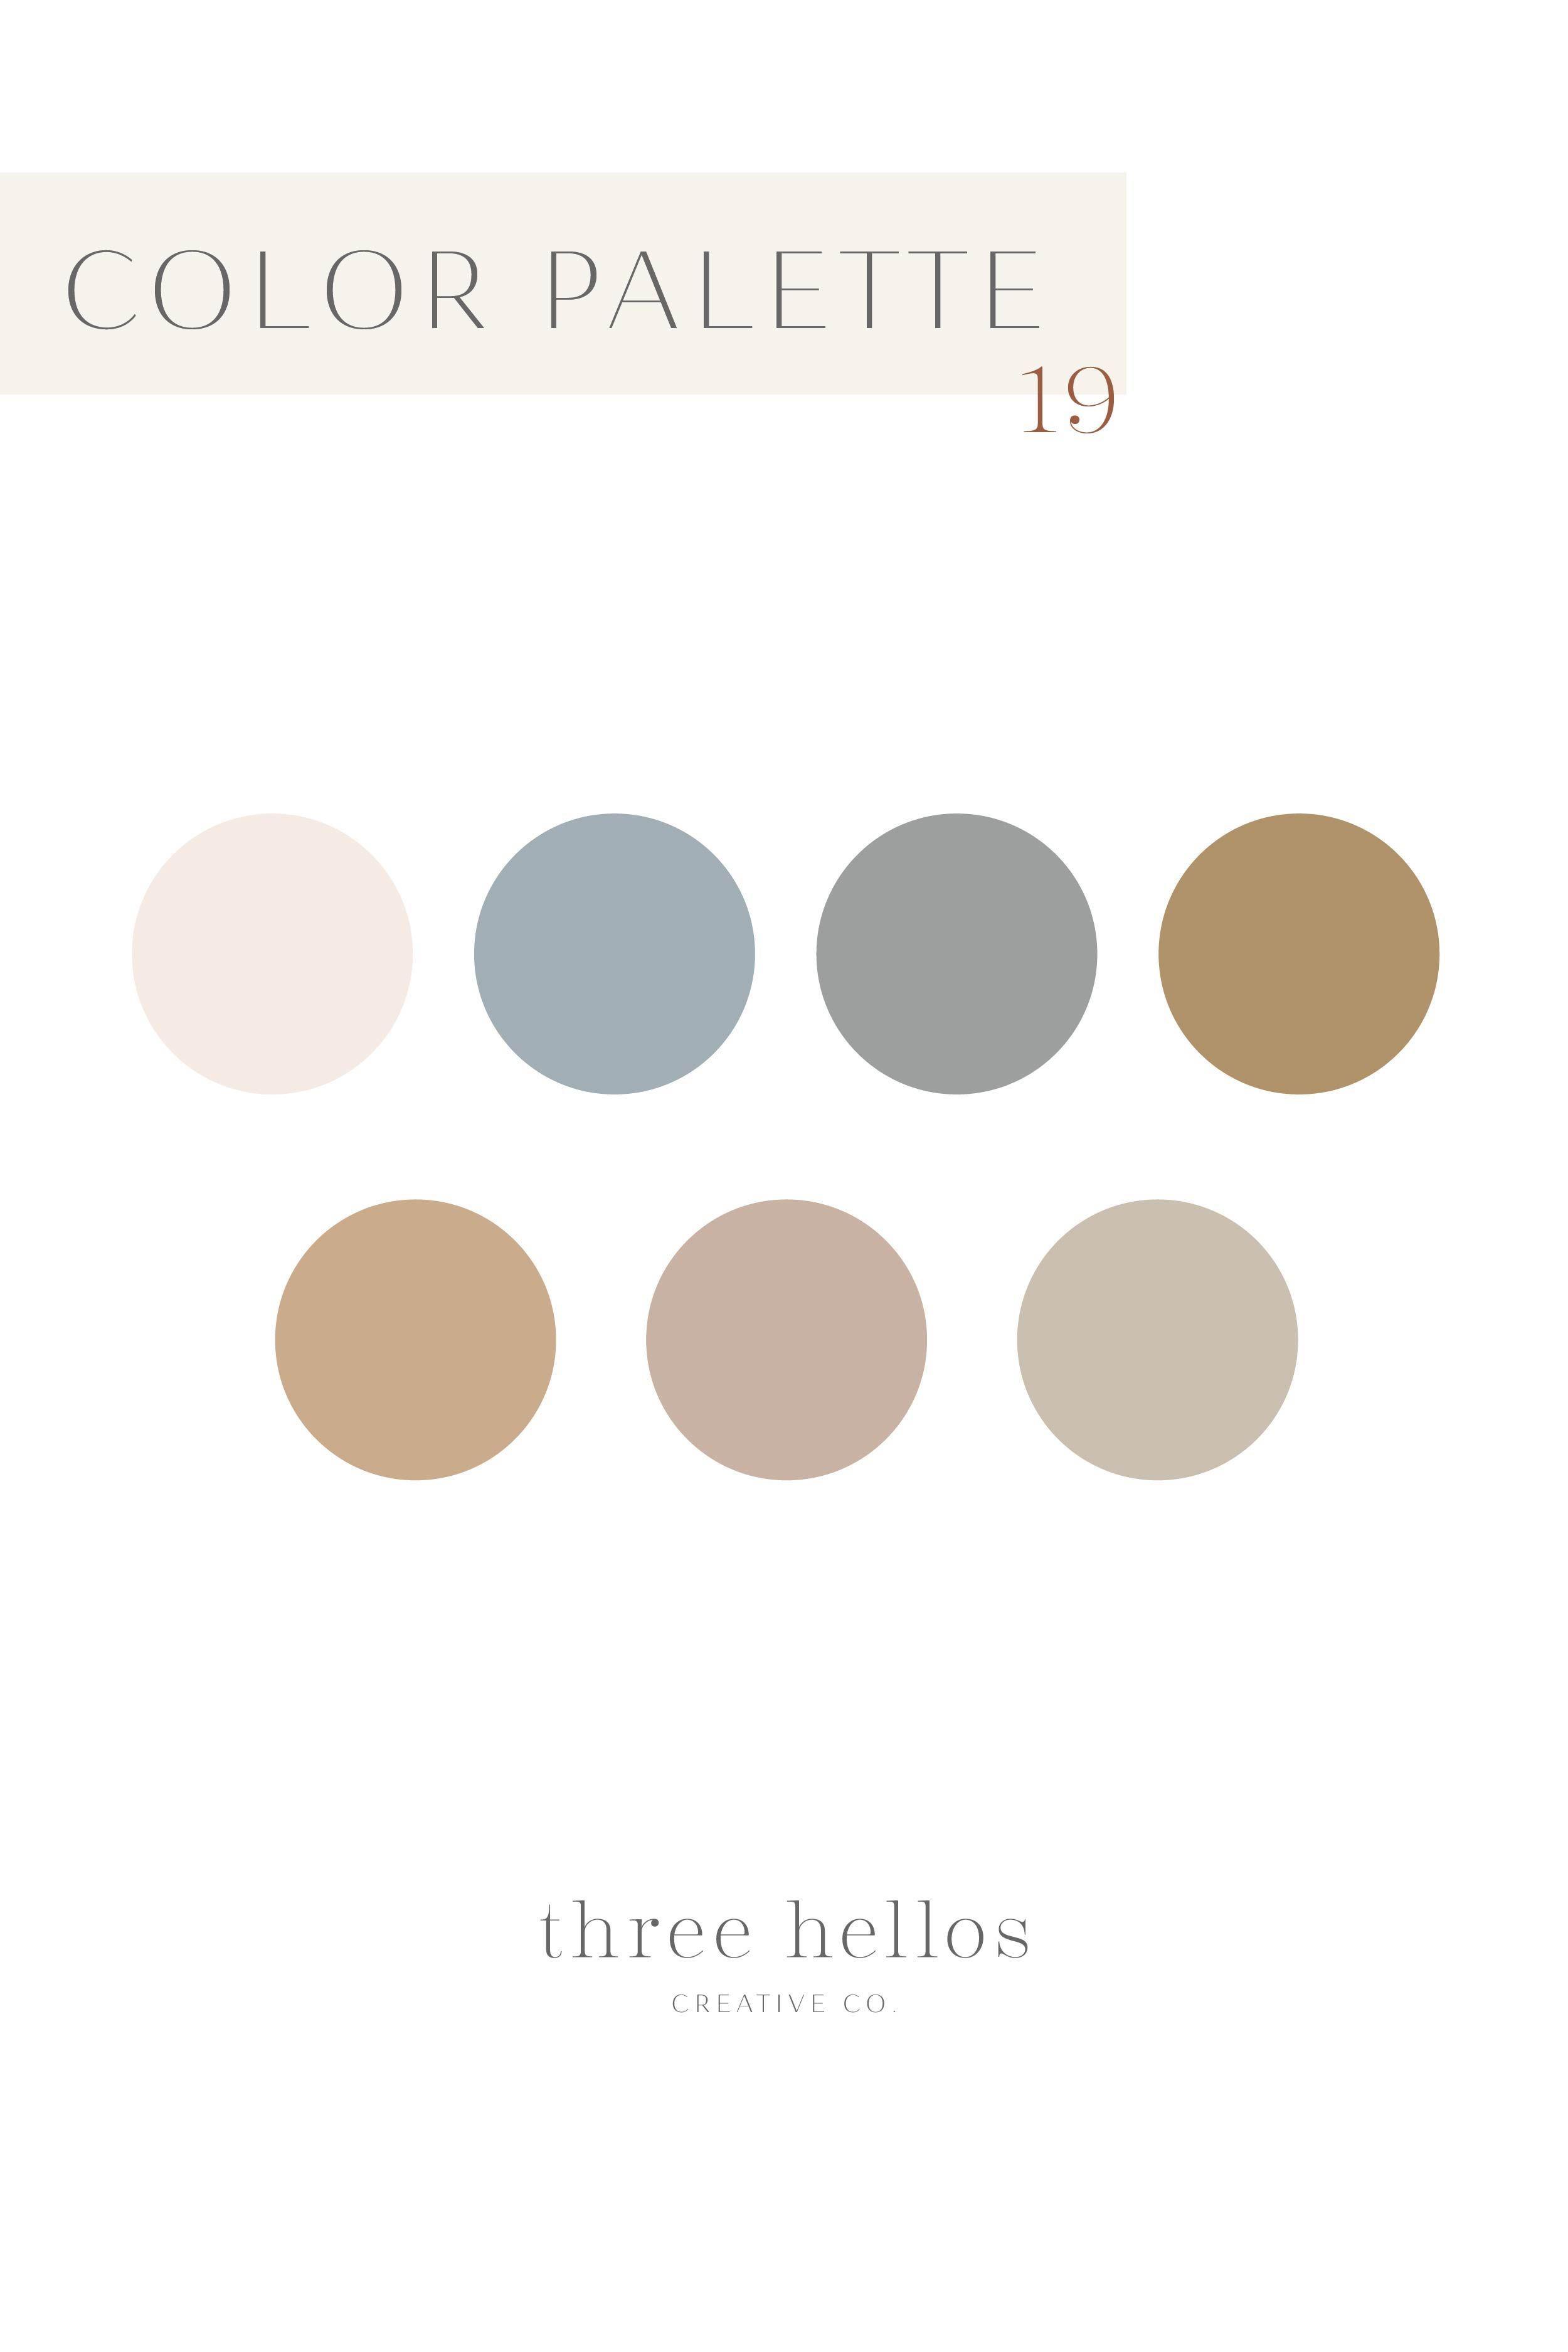 Neutral Cozy Color Palette In 2020 Color Palette Interior Design Brand Color Palette Farmhouse Color Palette